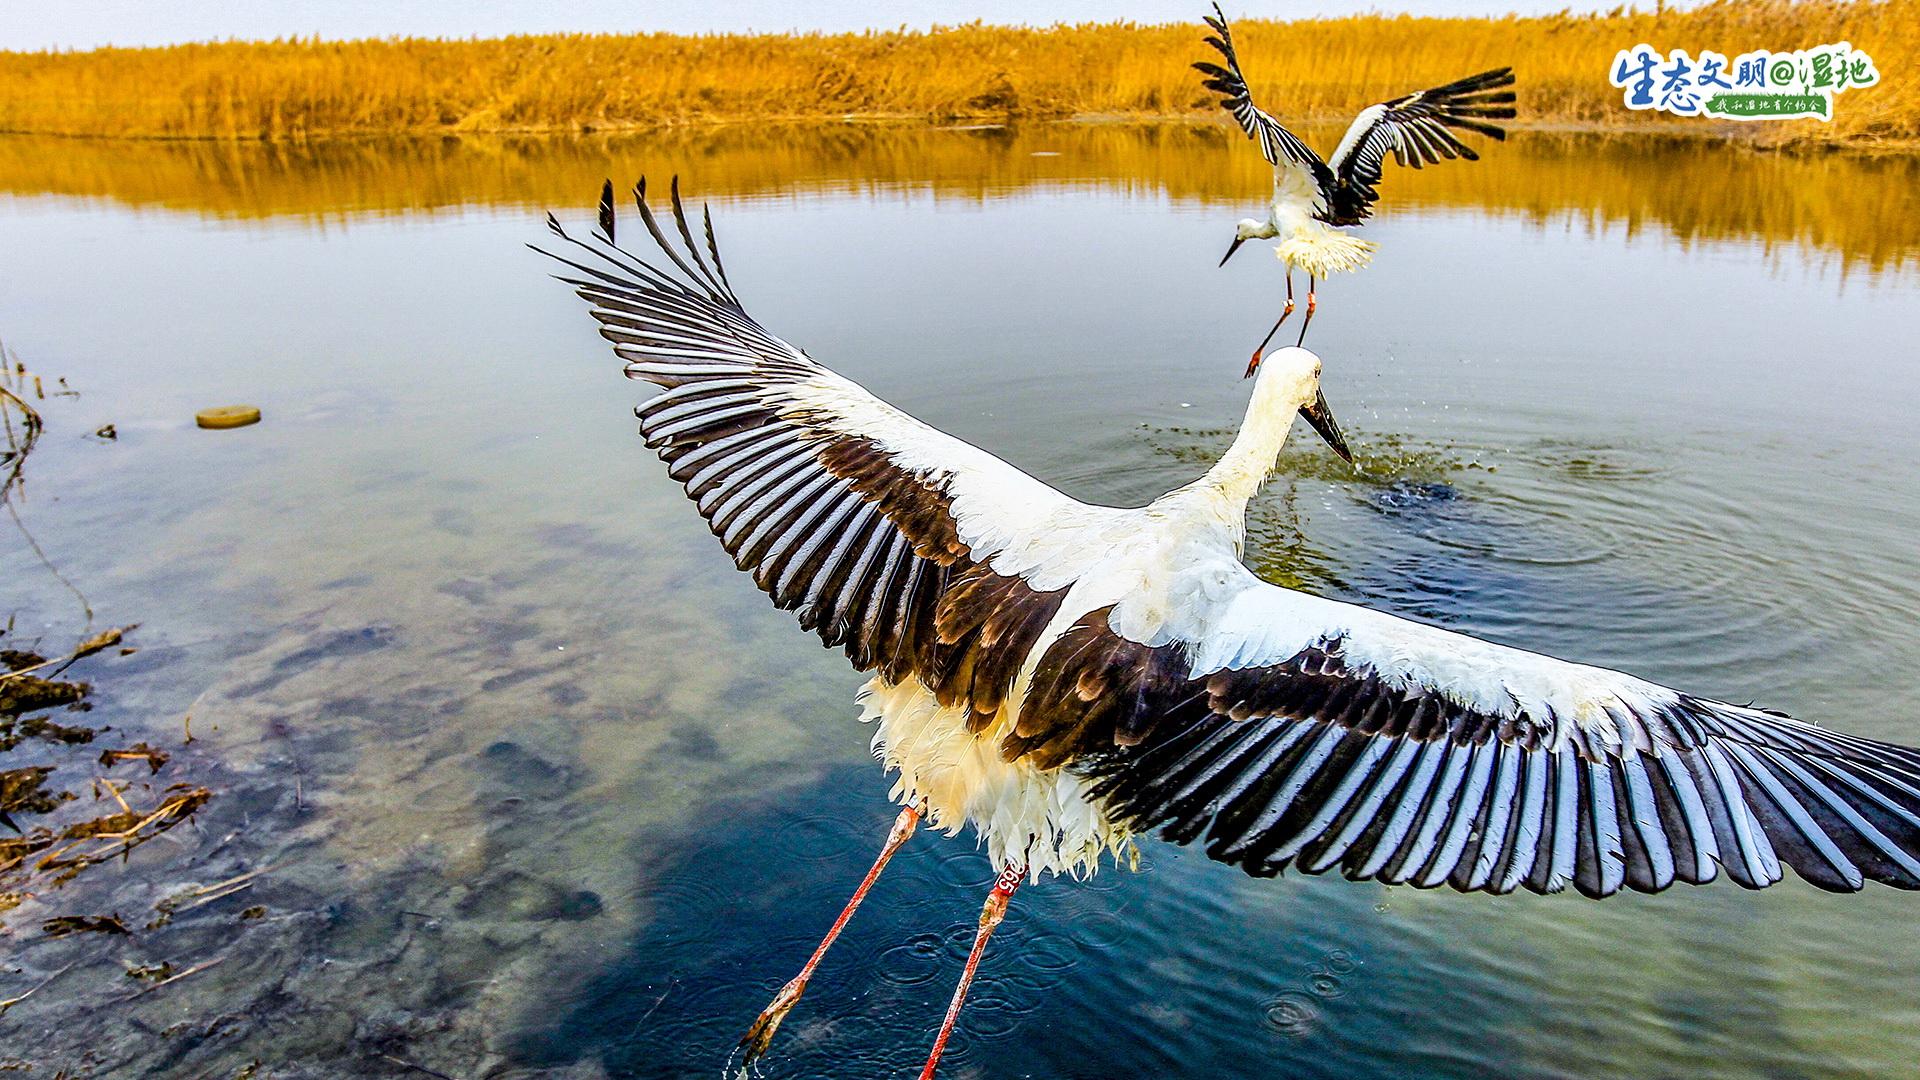 湿地,是自然馈赠给人类的丰富营养能够保护生物多样性,调节径流,改善水质。湿地,也是候鸟长途迁徙中栖息的地方。土壤浸泡在水中,孕育了丰富的鱼虾,成为鸟类能量补给的来源。许多水生植物,又成为了鸟类天然的遮蔽所。因此,这些位于迁徙路线上的湿地,又被誉为&ldquo;鸟类的乐园&rdquo;。<br/>